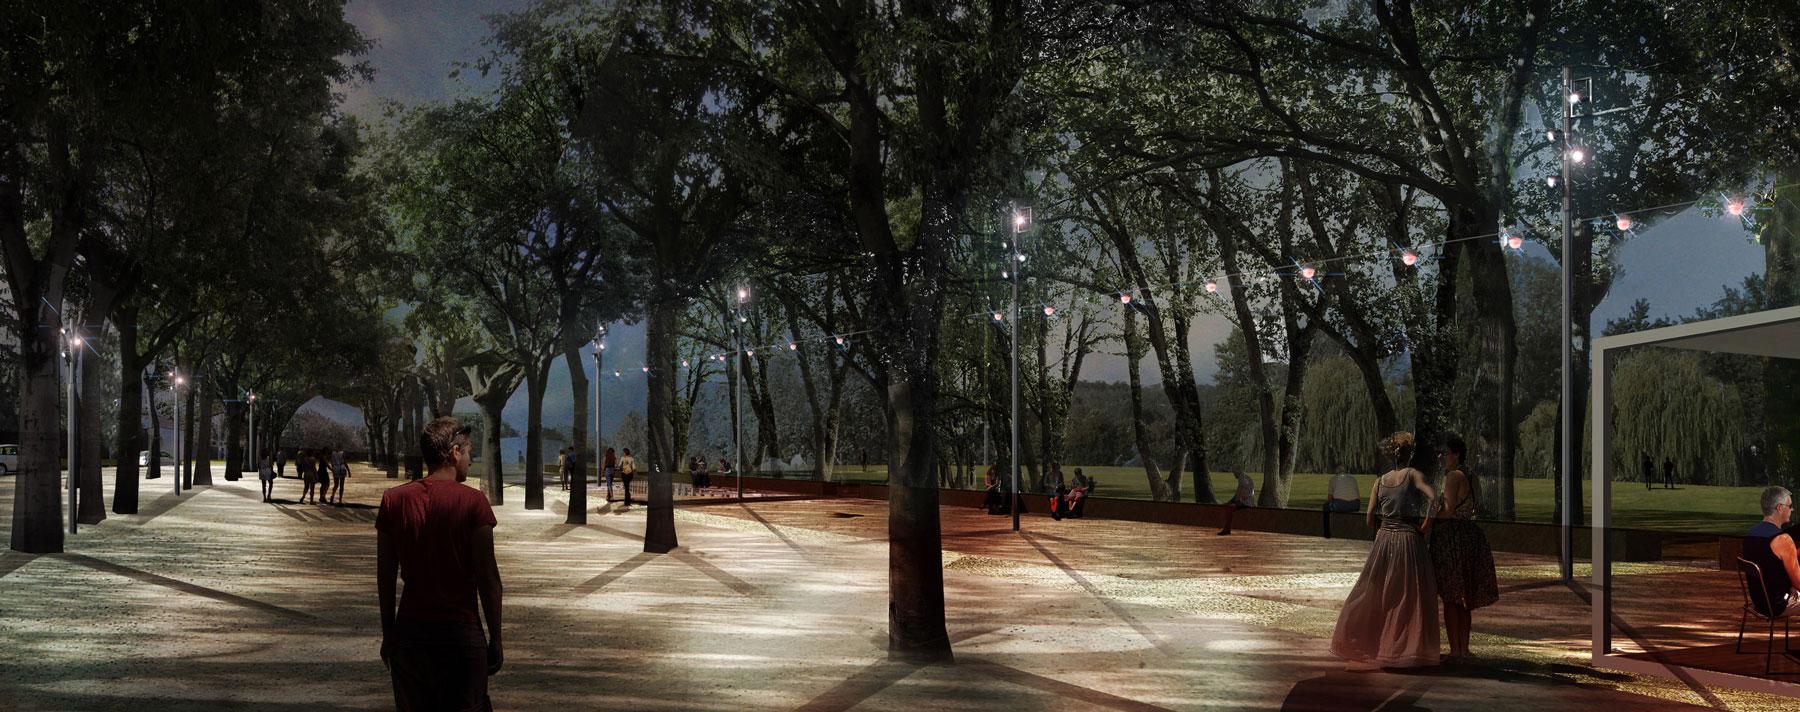 infographie de nuit avec des luminaires sur caténaires de type lampion